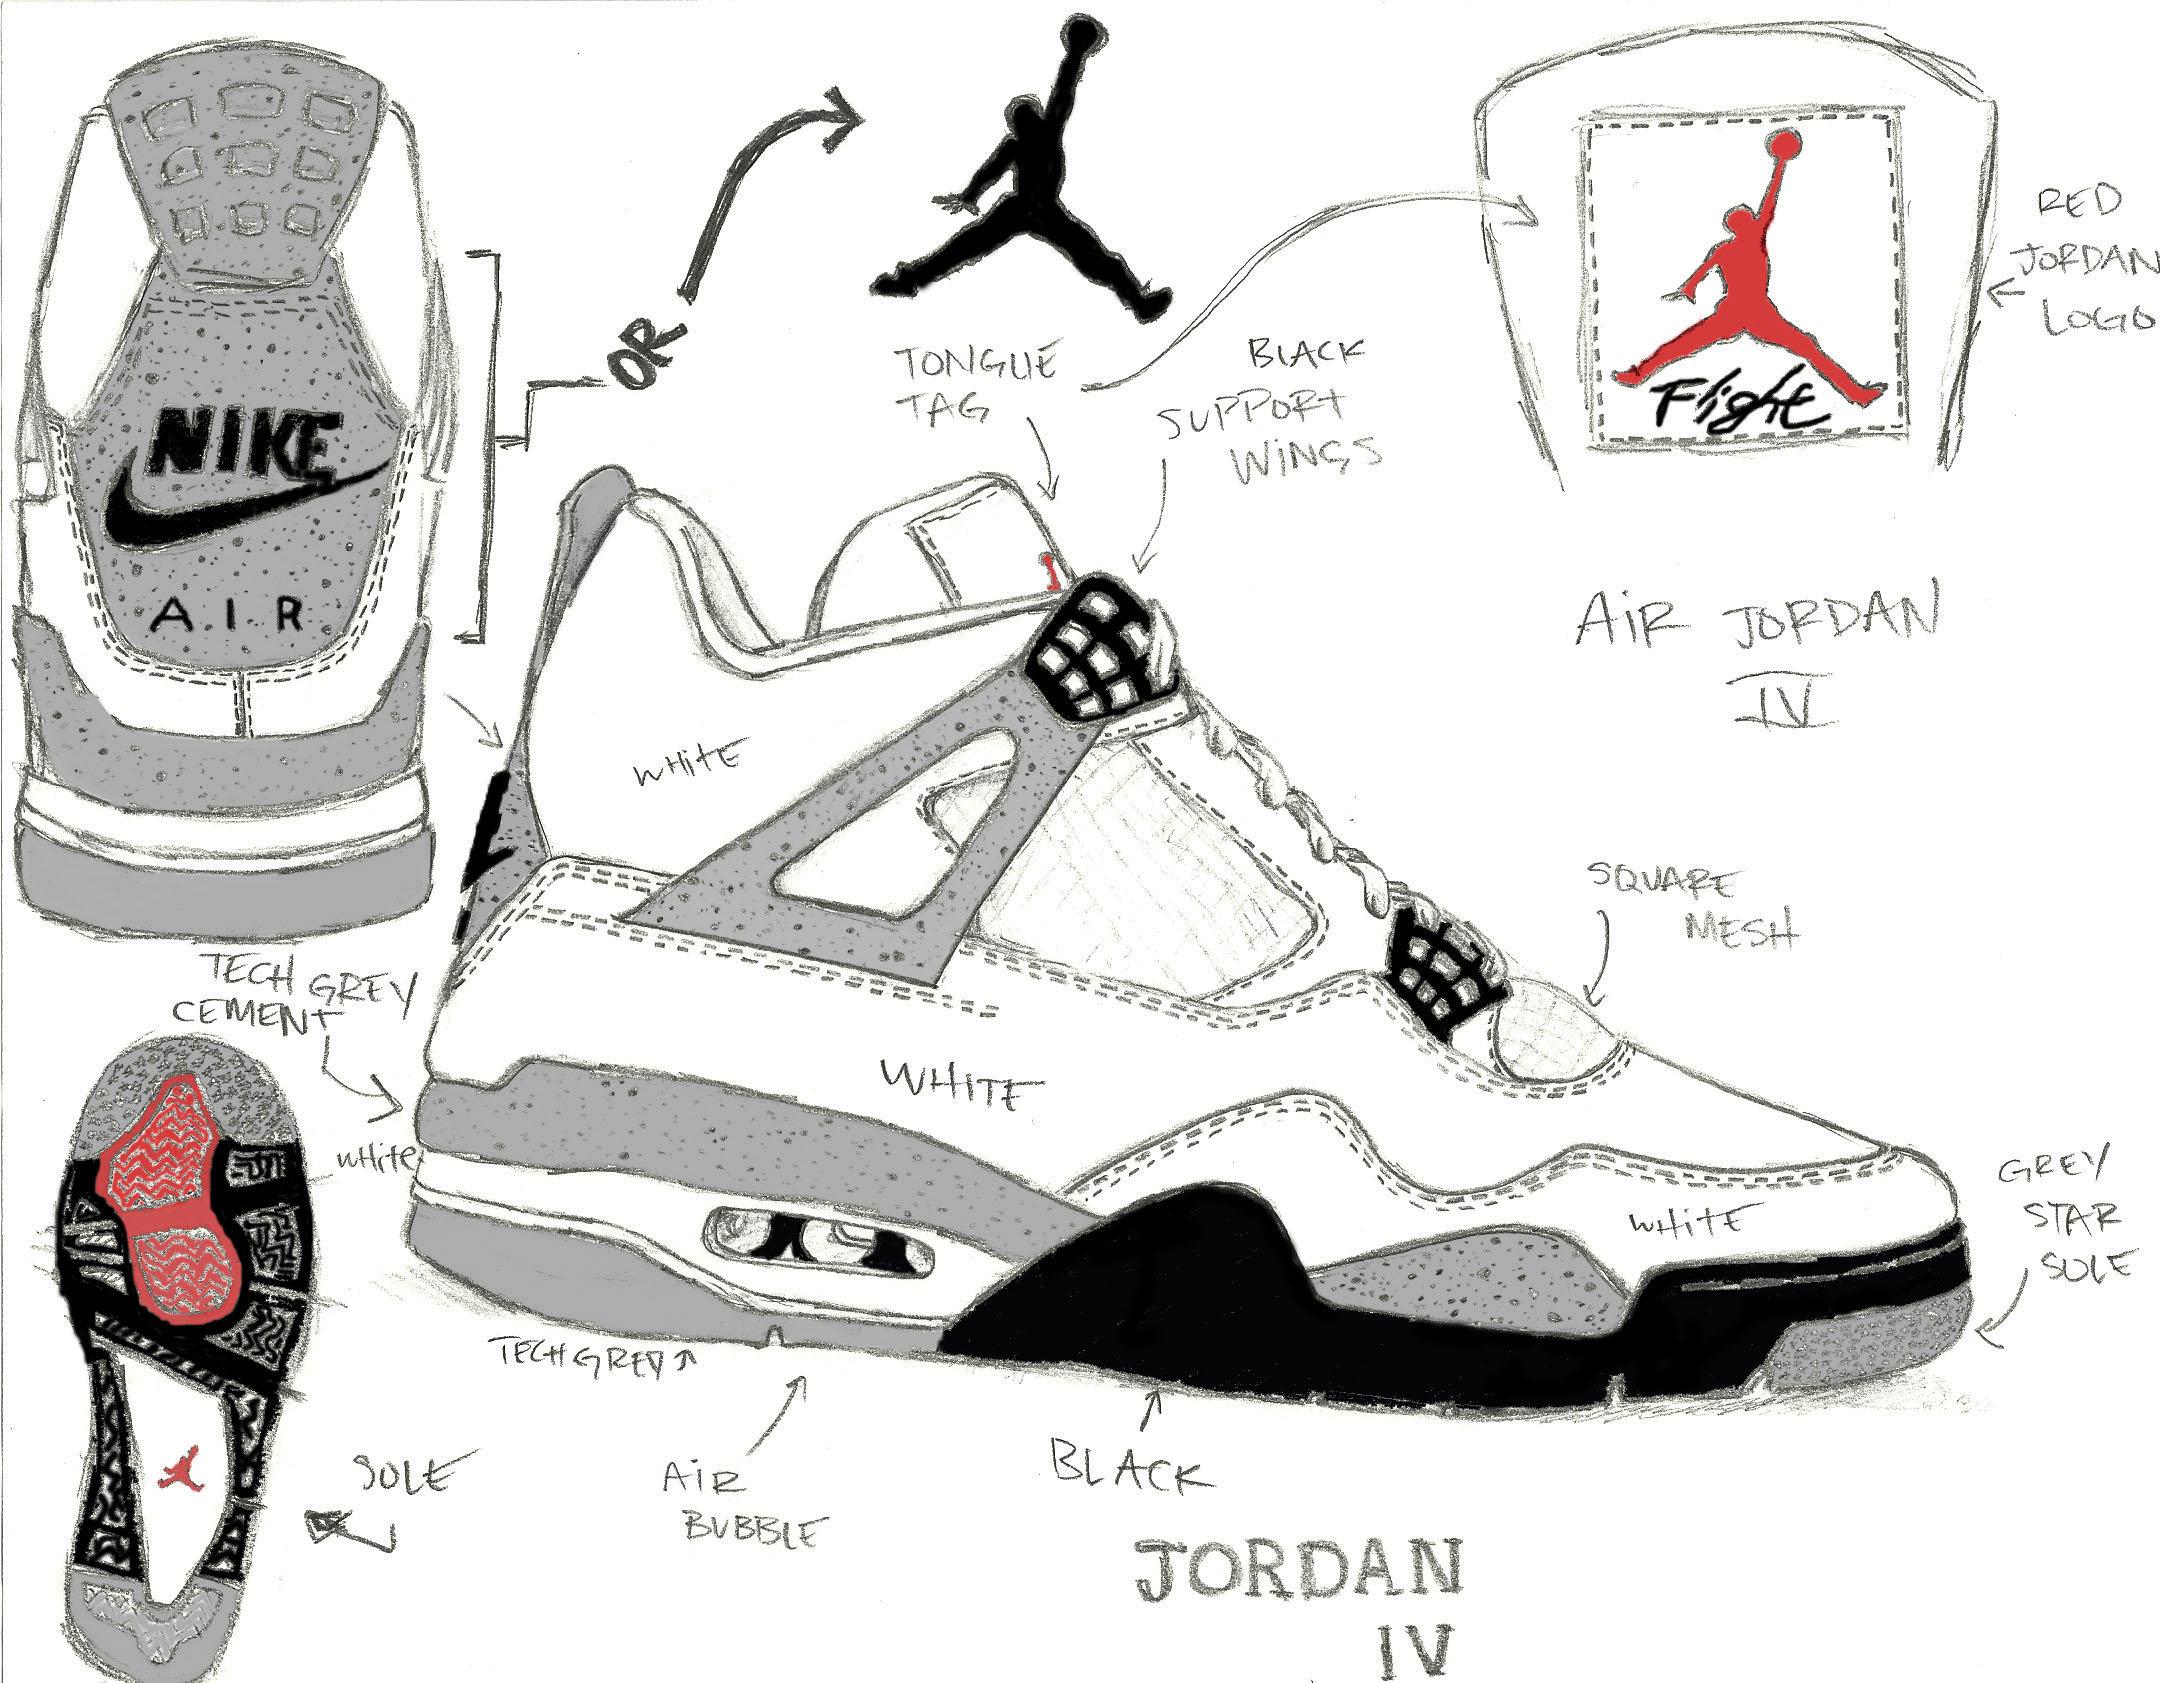 Drawn shoe jordan retro Jordan Air – Pinterest Jordan